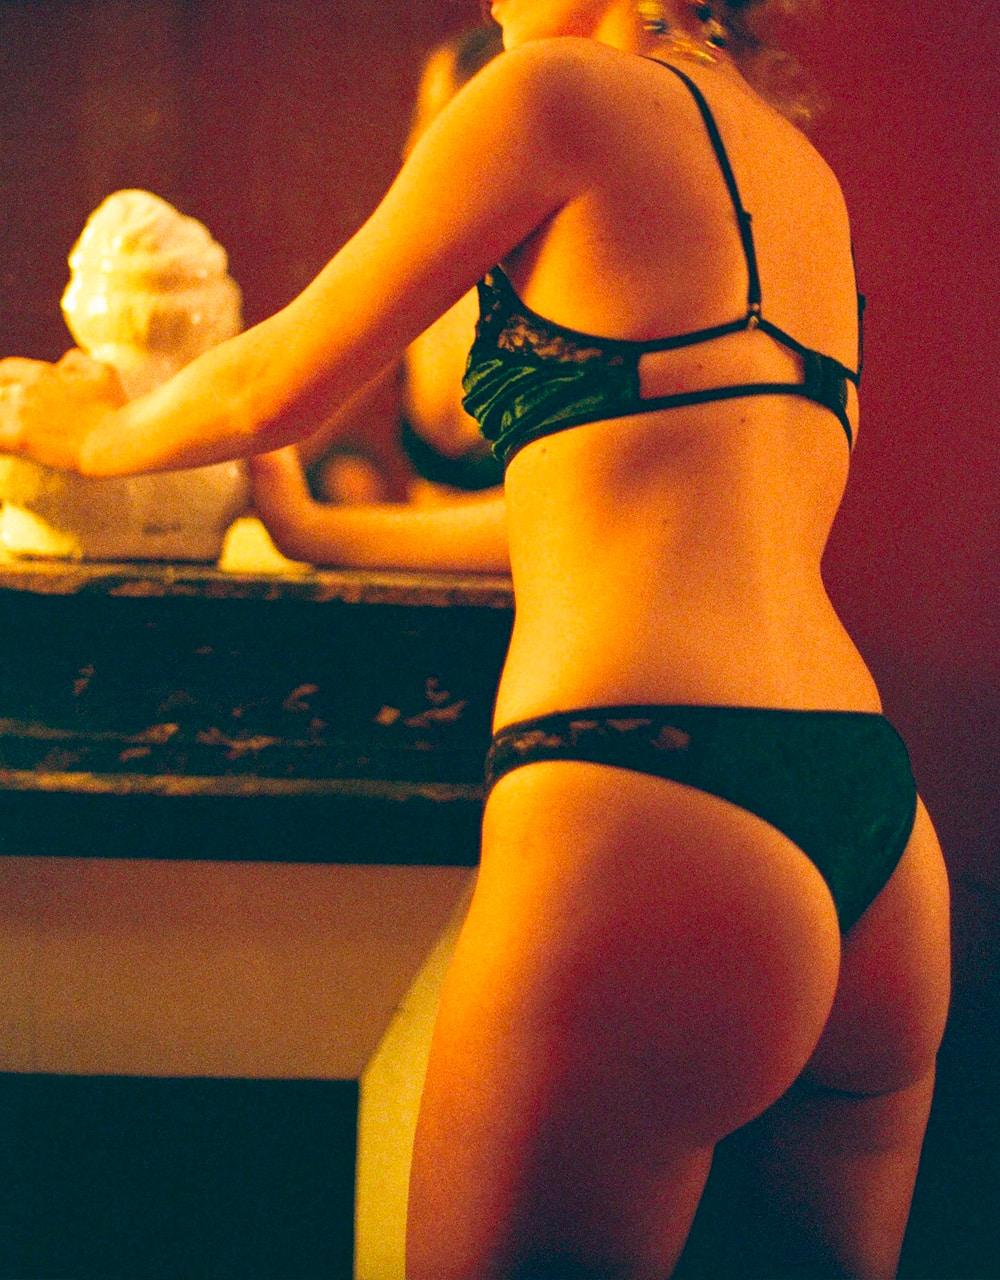 lingerie tanga Very Velvet Green Queen 20 € Girls In Paris photo 3